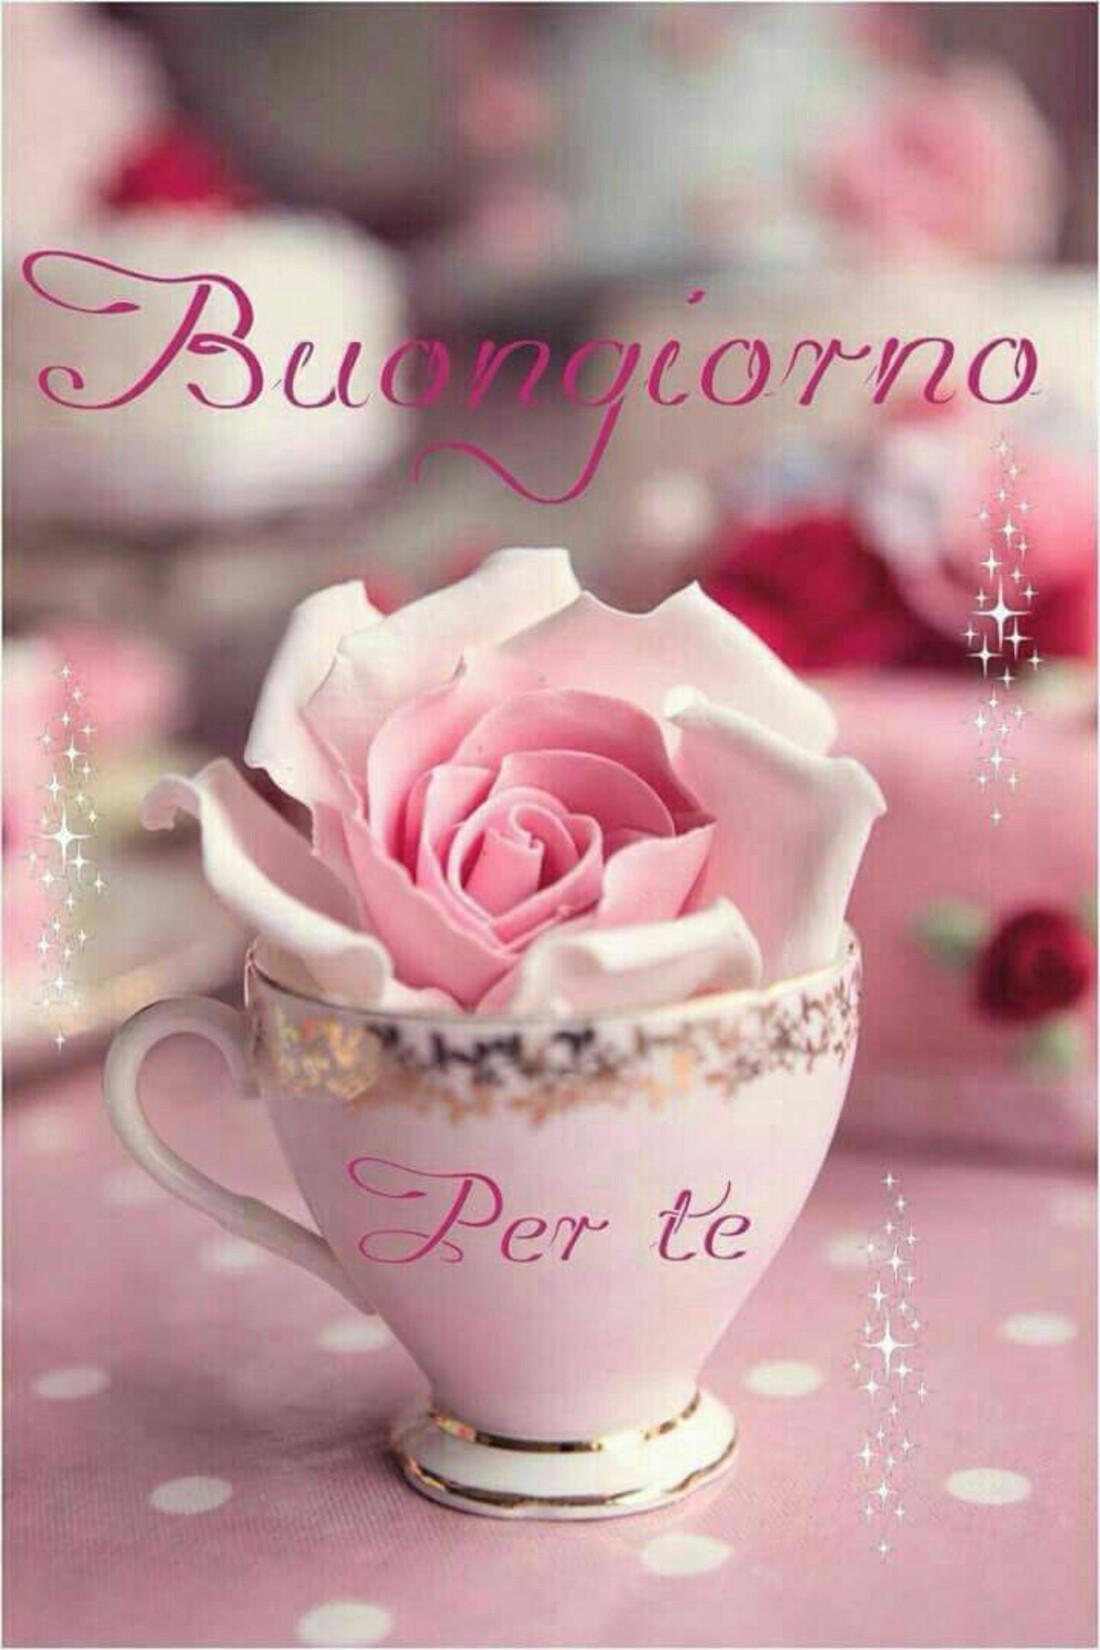 Foto Immagini Del Buongiorno.Per Messenger Immagini Del Buongiorno 10 Baciogiorno It